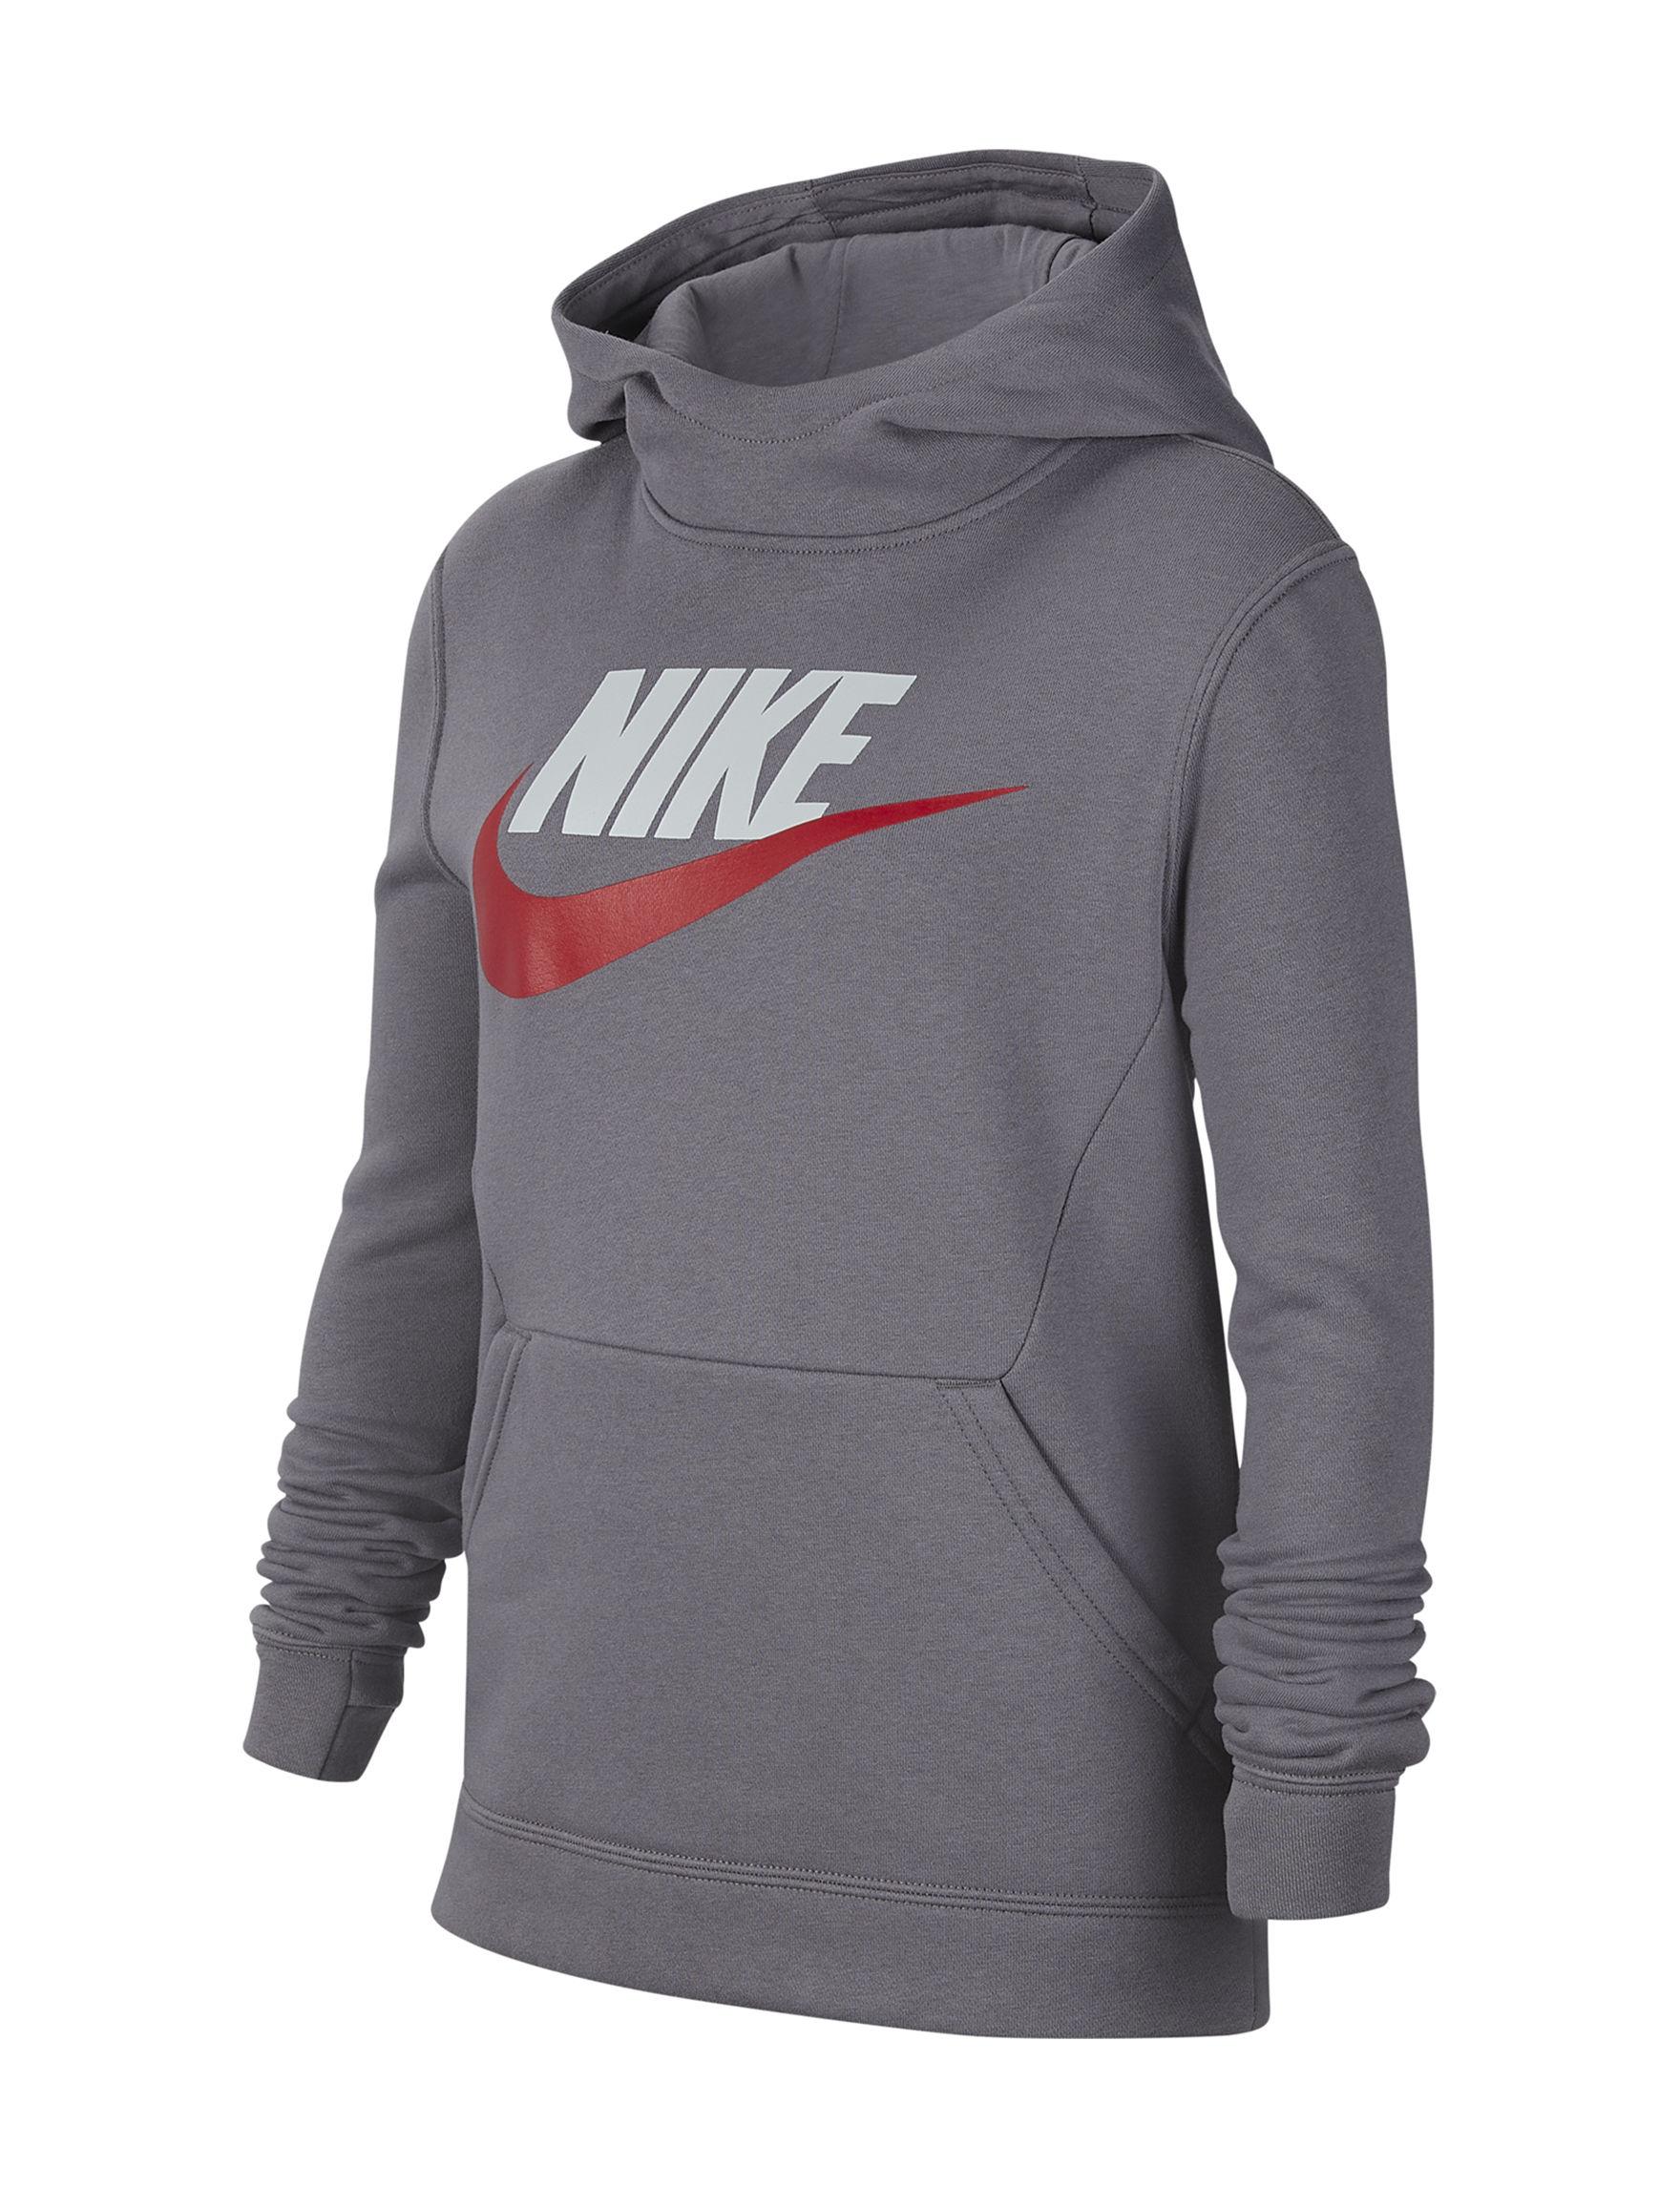 Nike Gunsmoke